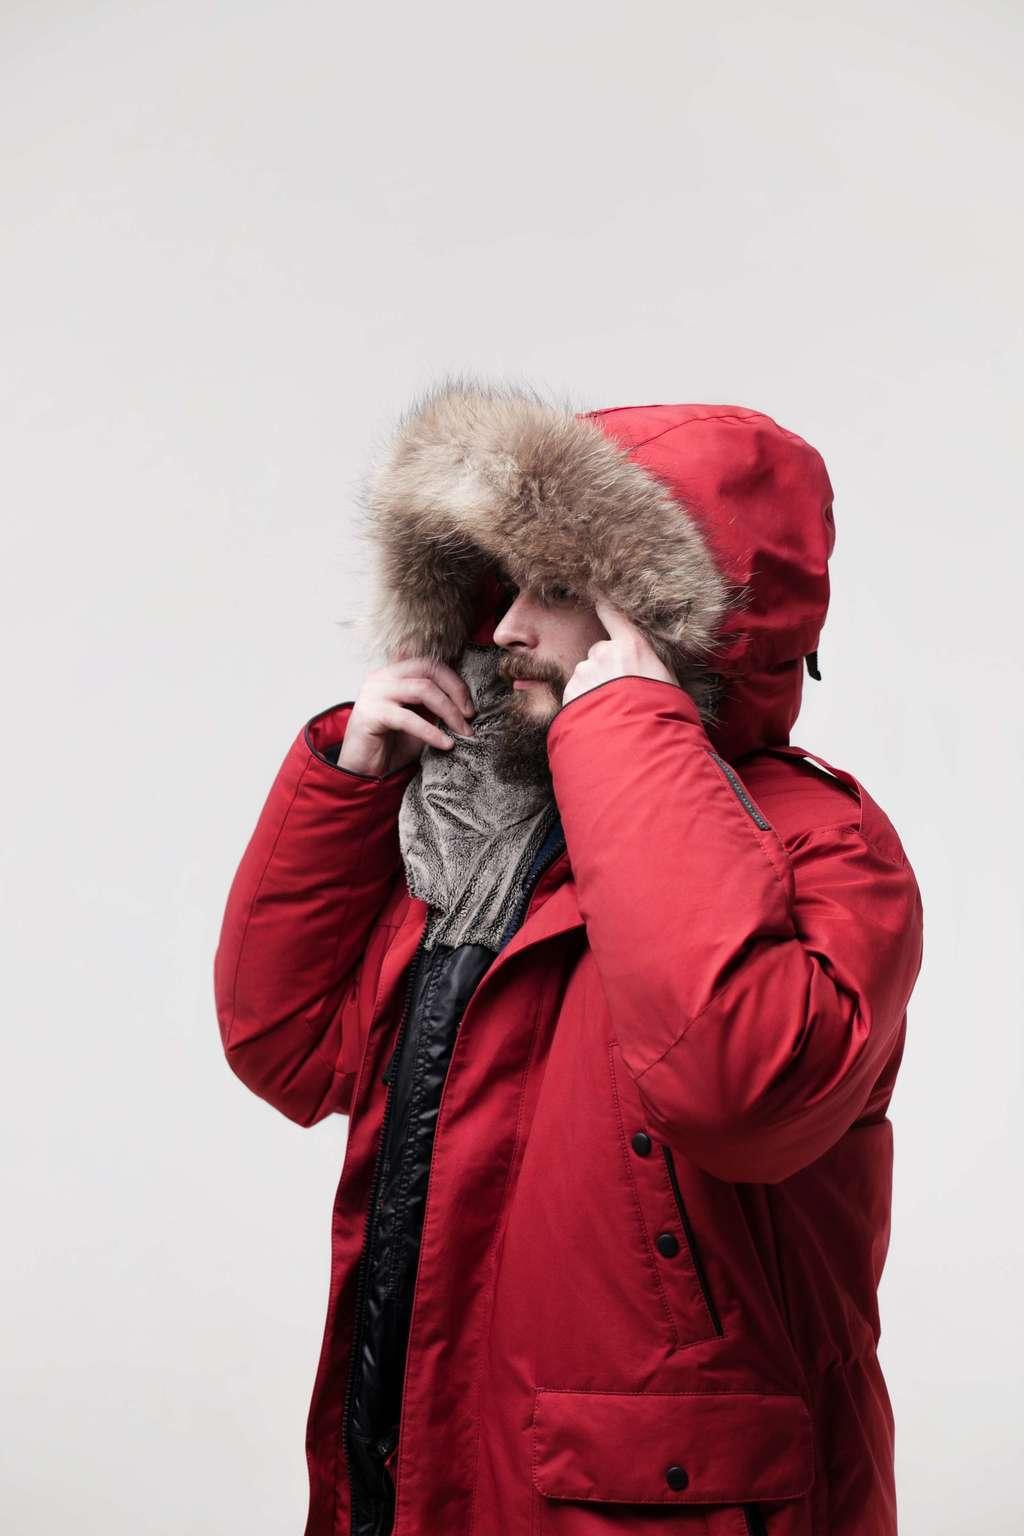 a9105aba8053 МУЖСКАЯ КОЛЛЕКЦИЯ > Куртка пуховая LAPLANGER Берген красная купить в ...